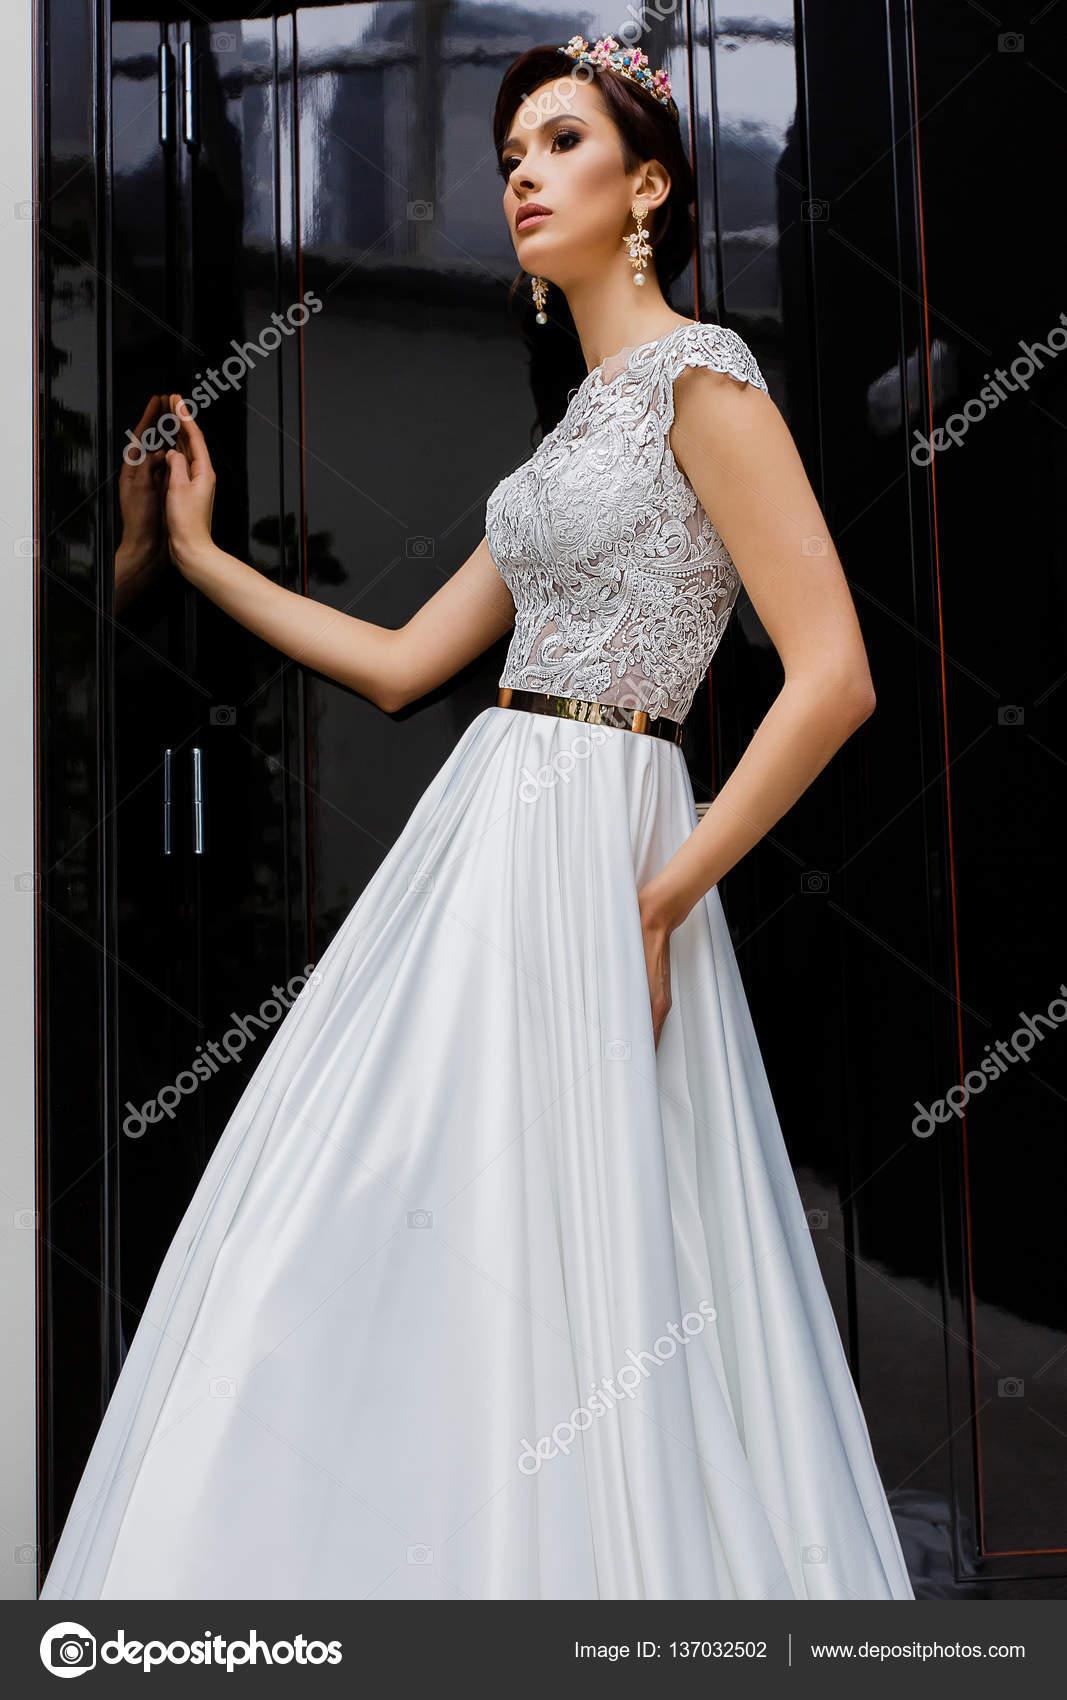 Junge schöne Modell weibliche Posen in langen Brautkleid weiß und ...